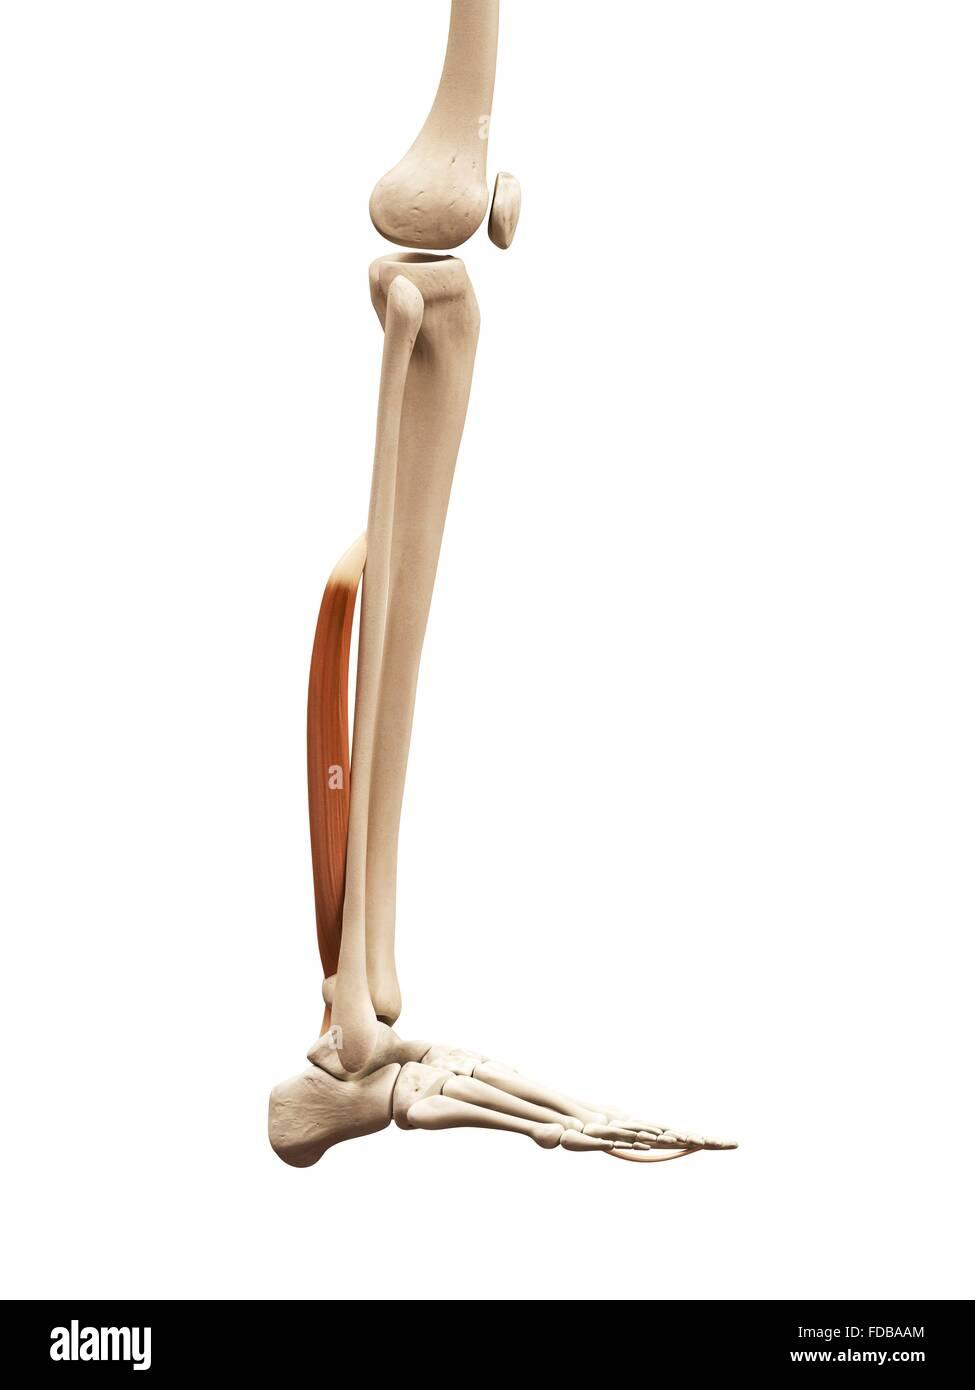 Nett Menschliche Anatomie Beinmuskeln Ideen - Anatomie Ideen ...